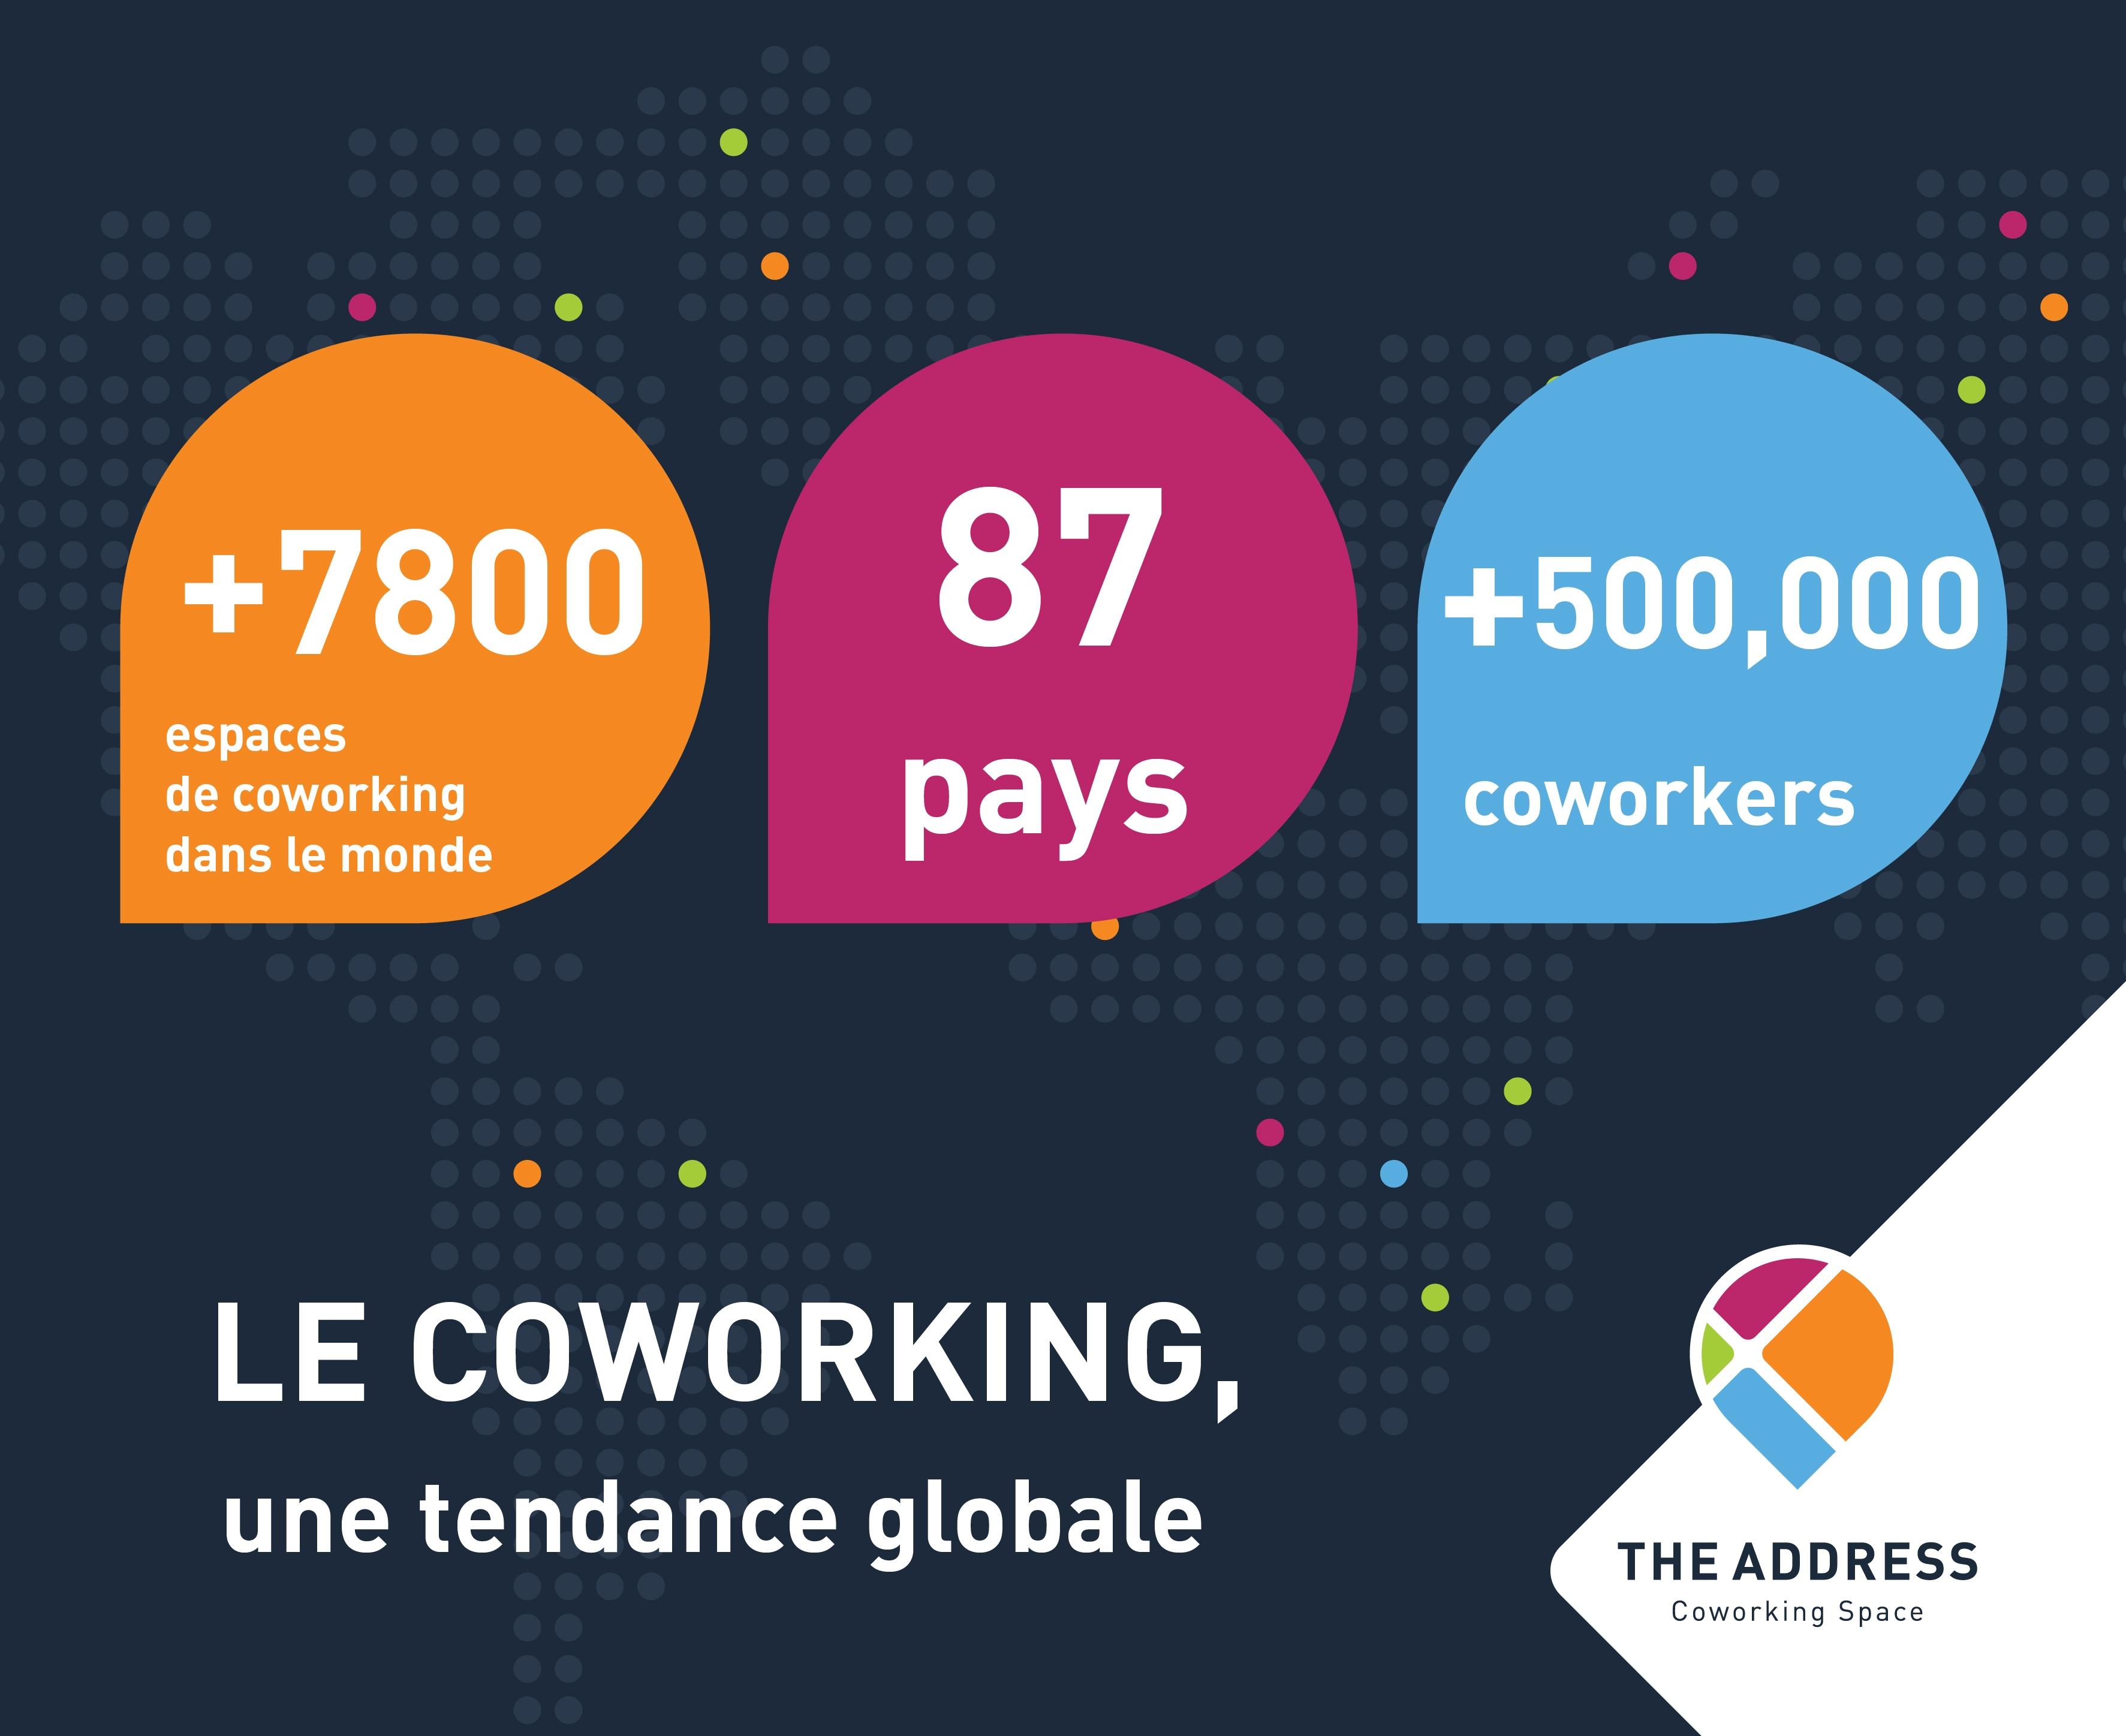 Le coworking en quelques chiffres